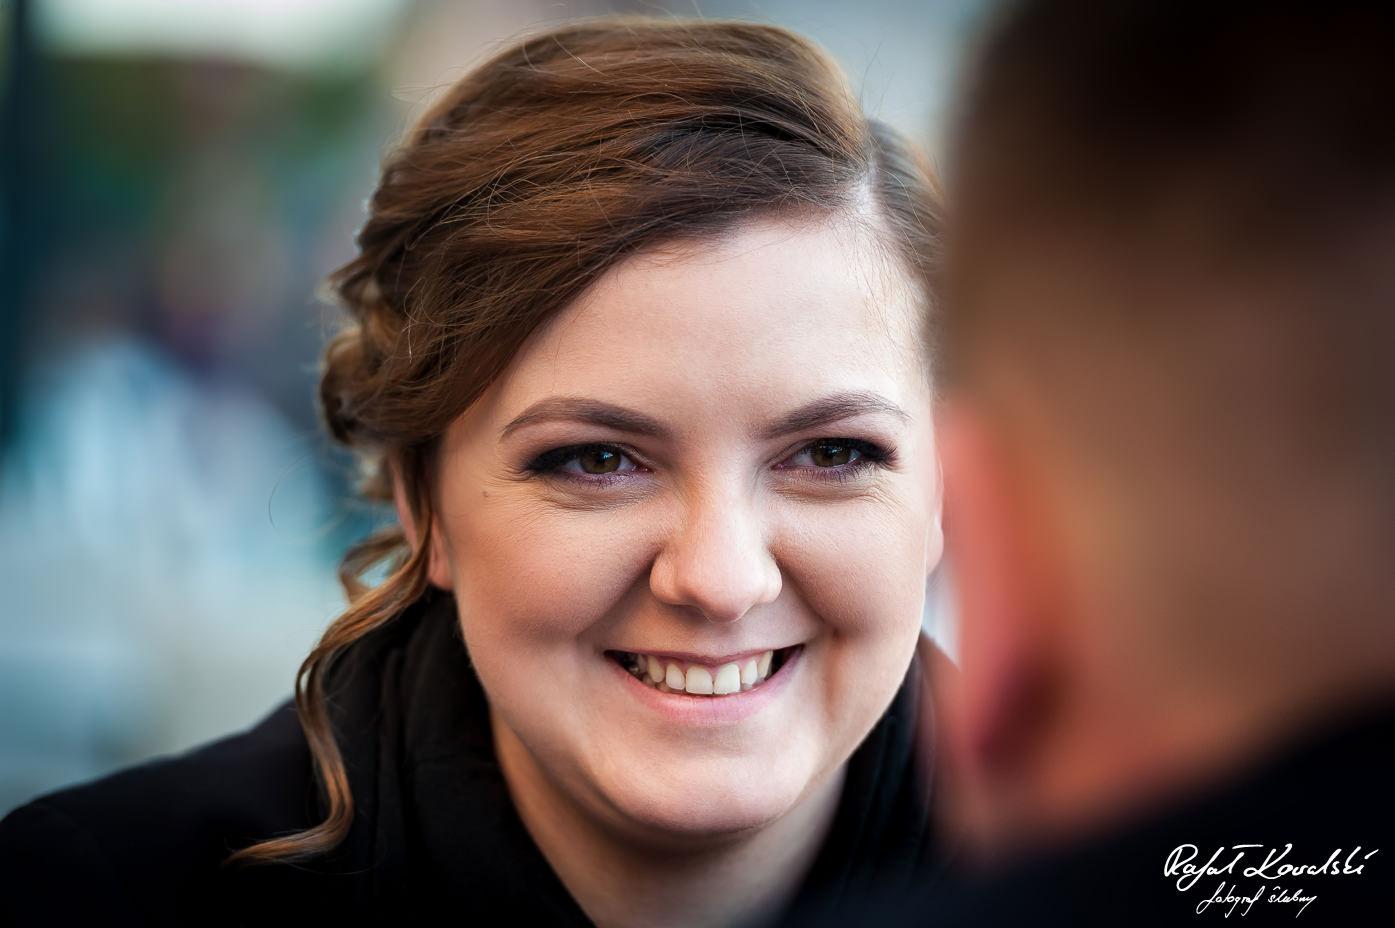 pełen uśmiechu portret przyszłej panny młodej na sesji narzeczeńskiej w Gdańsku